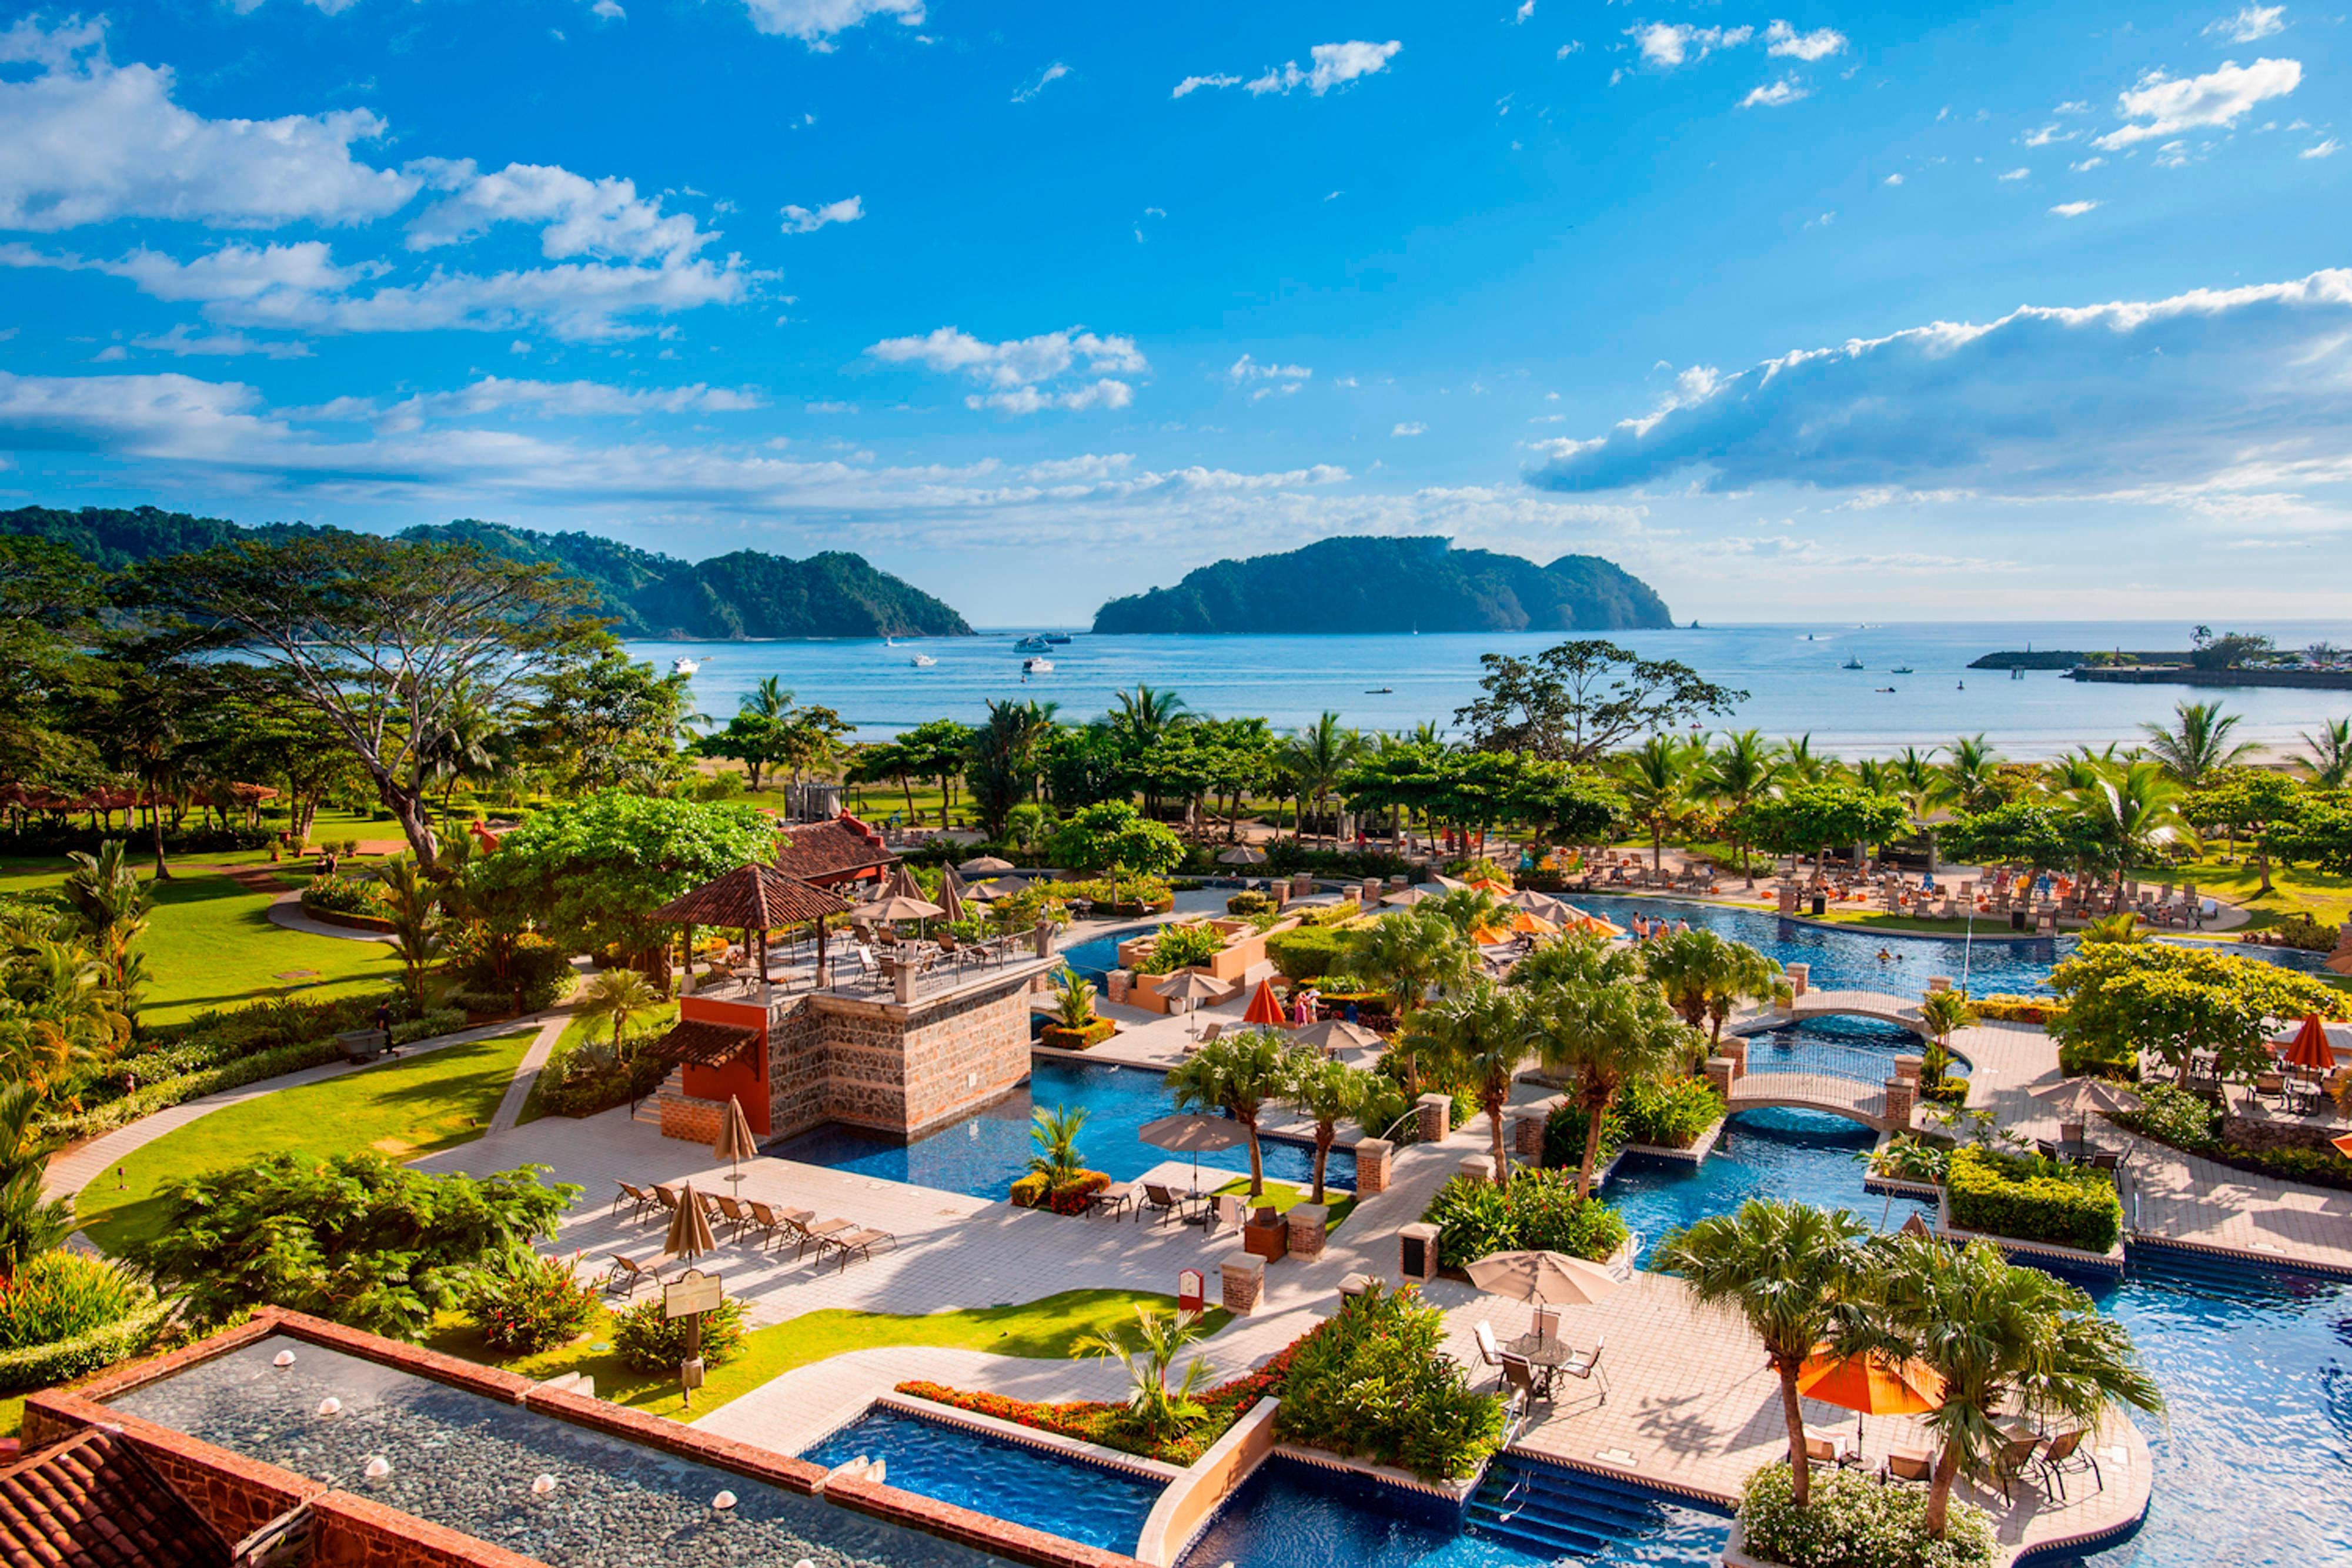 Hotel de frente para o mar, Herradura, Costa Rica